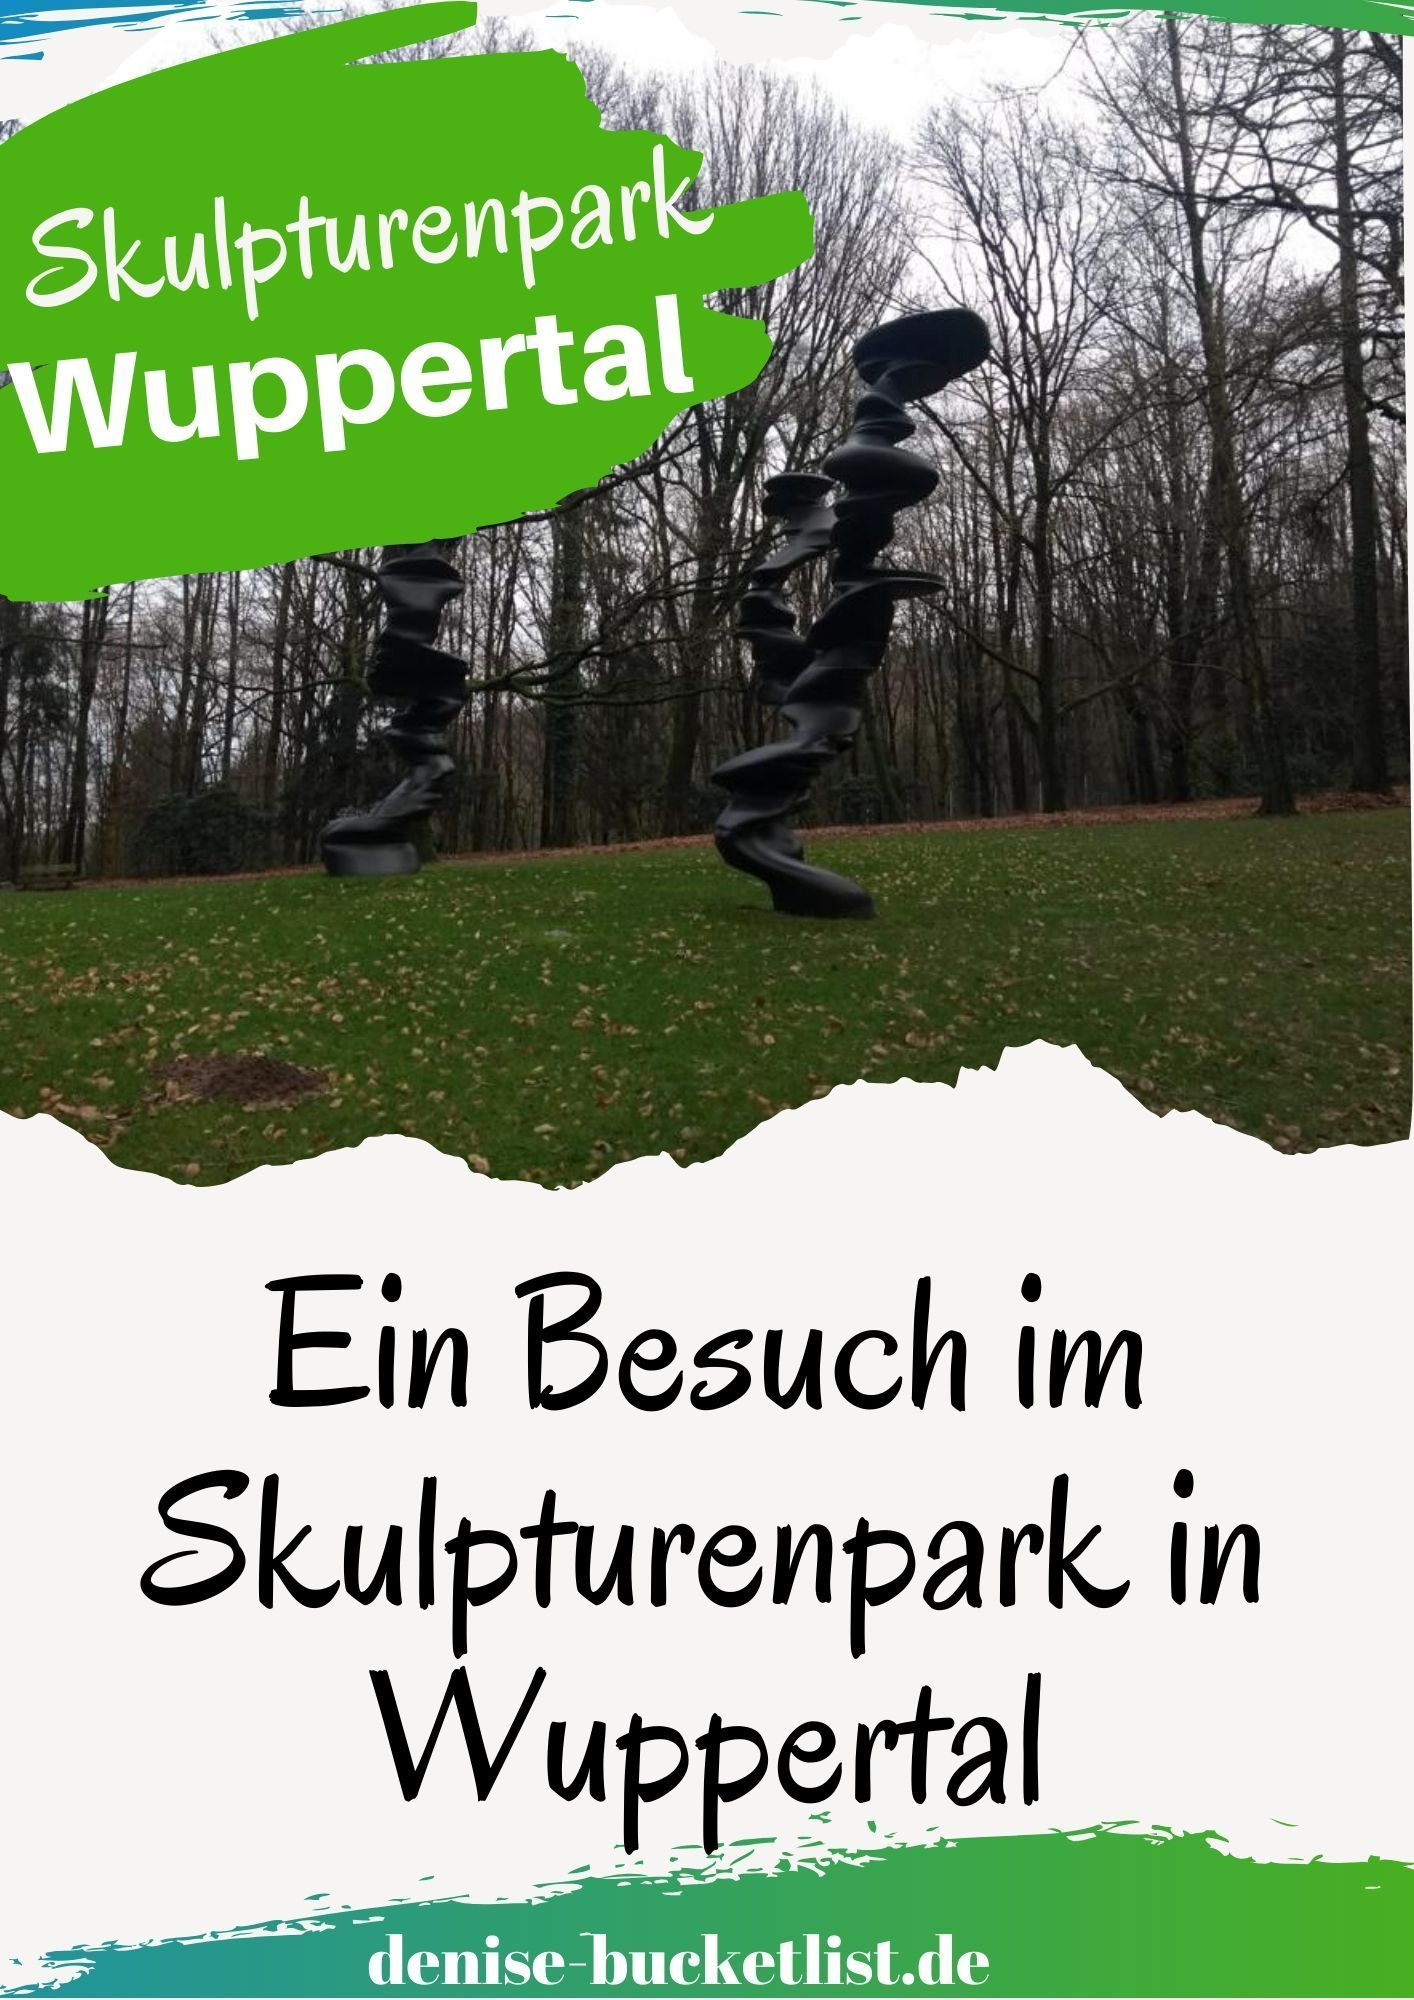 Mein Besuch Im Skulpturenpark Waldfrieden In Wuppertal Wuppertal Irland Reise Skulpturen